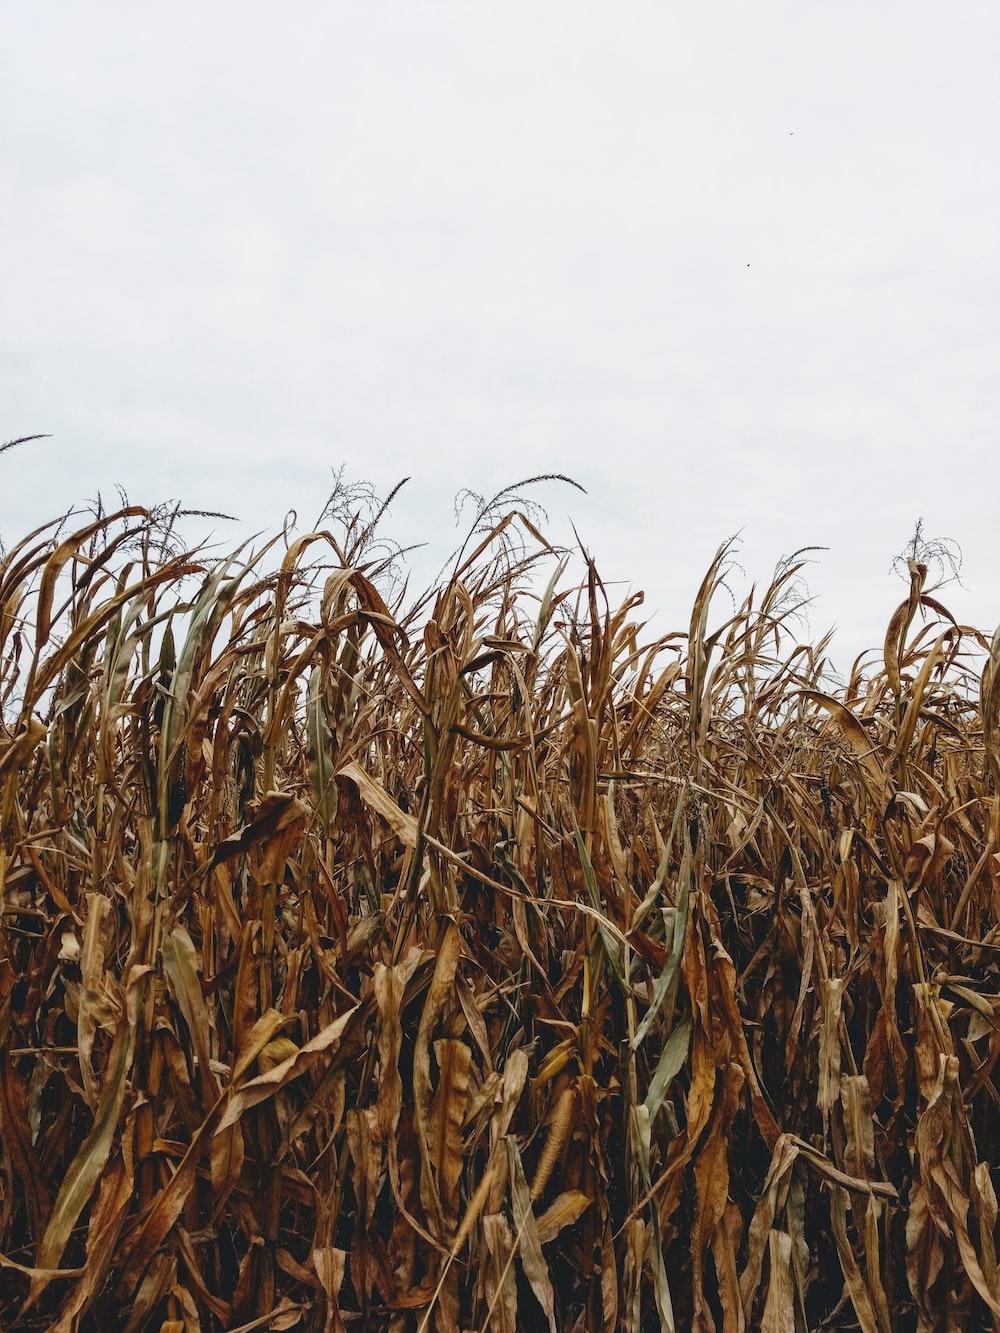 brown corn field under white skies